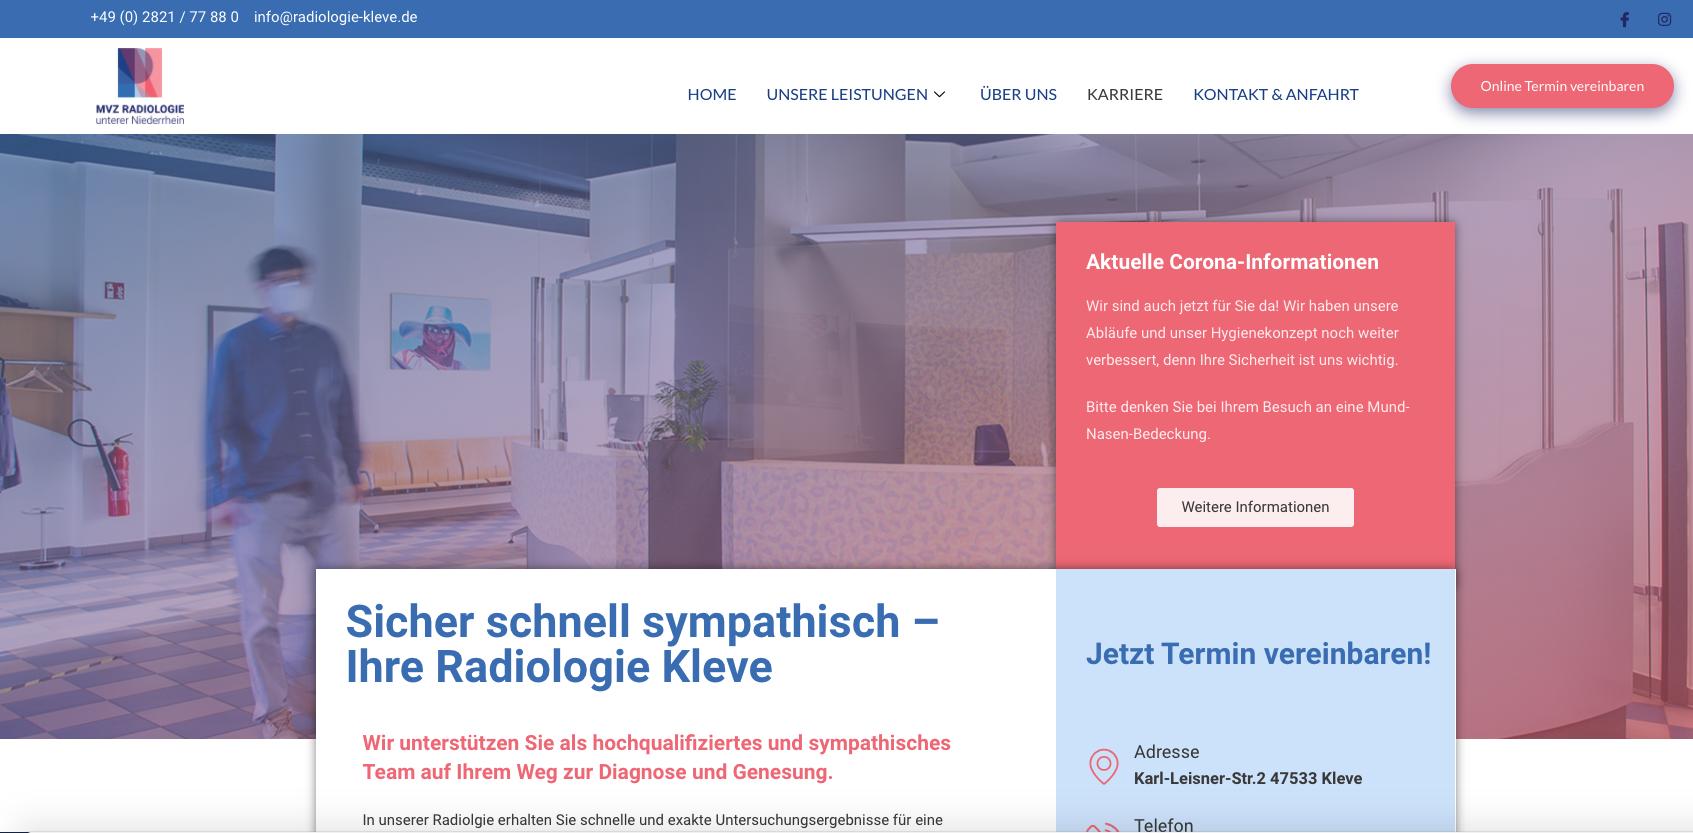 MVZ Radiologie Unterer Niederrhein mit neuer Website